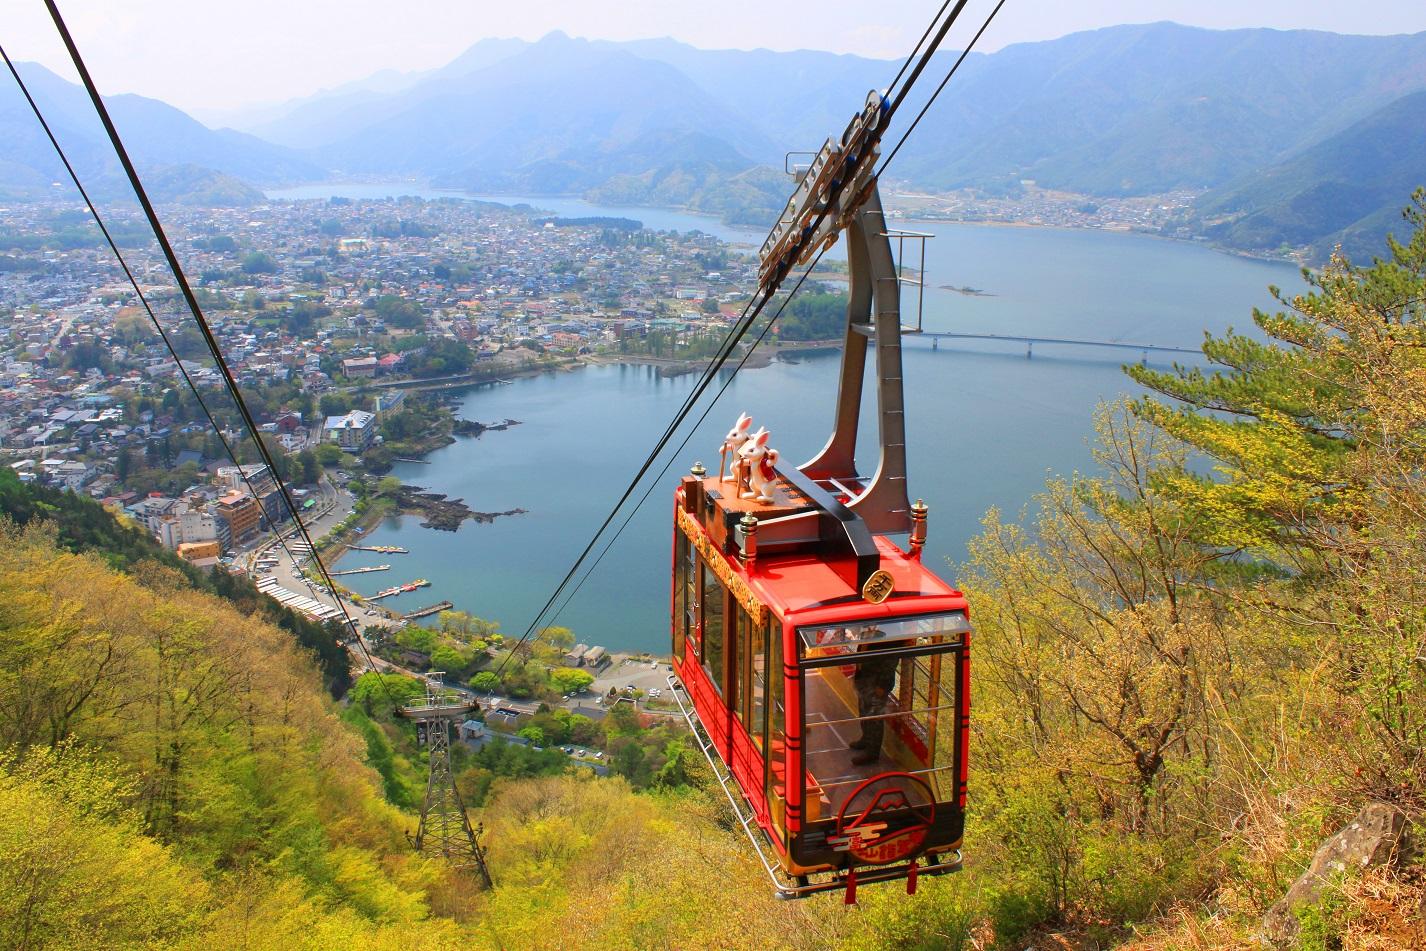 ロープウェイも日時指定でスマホ事前決済、富士山望む展望台へ待たずにアクセス、混雑緩和へ富士急行が開始